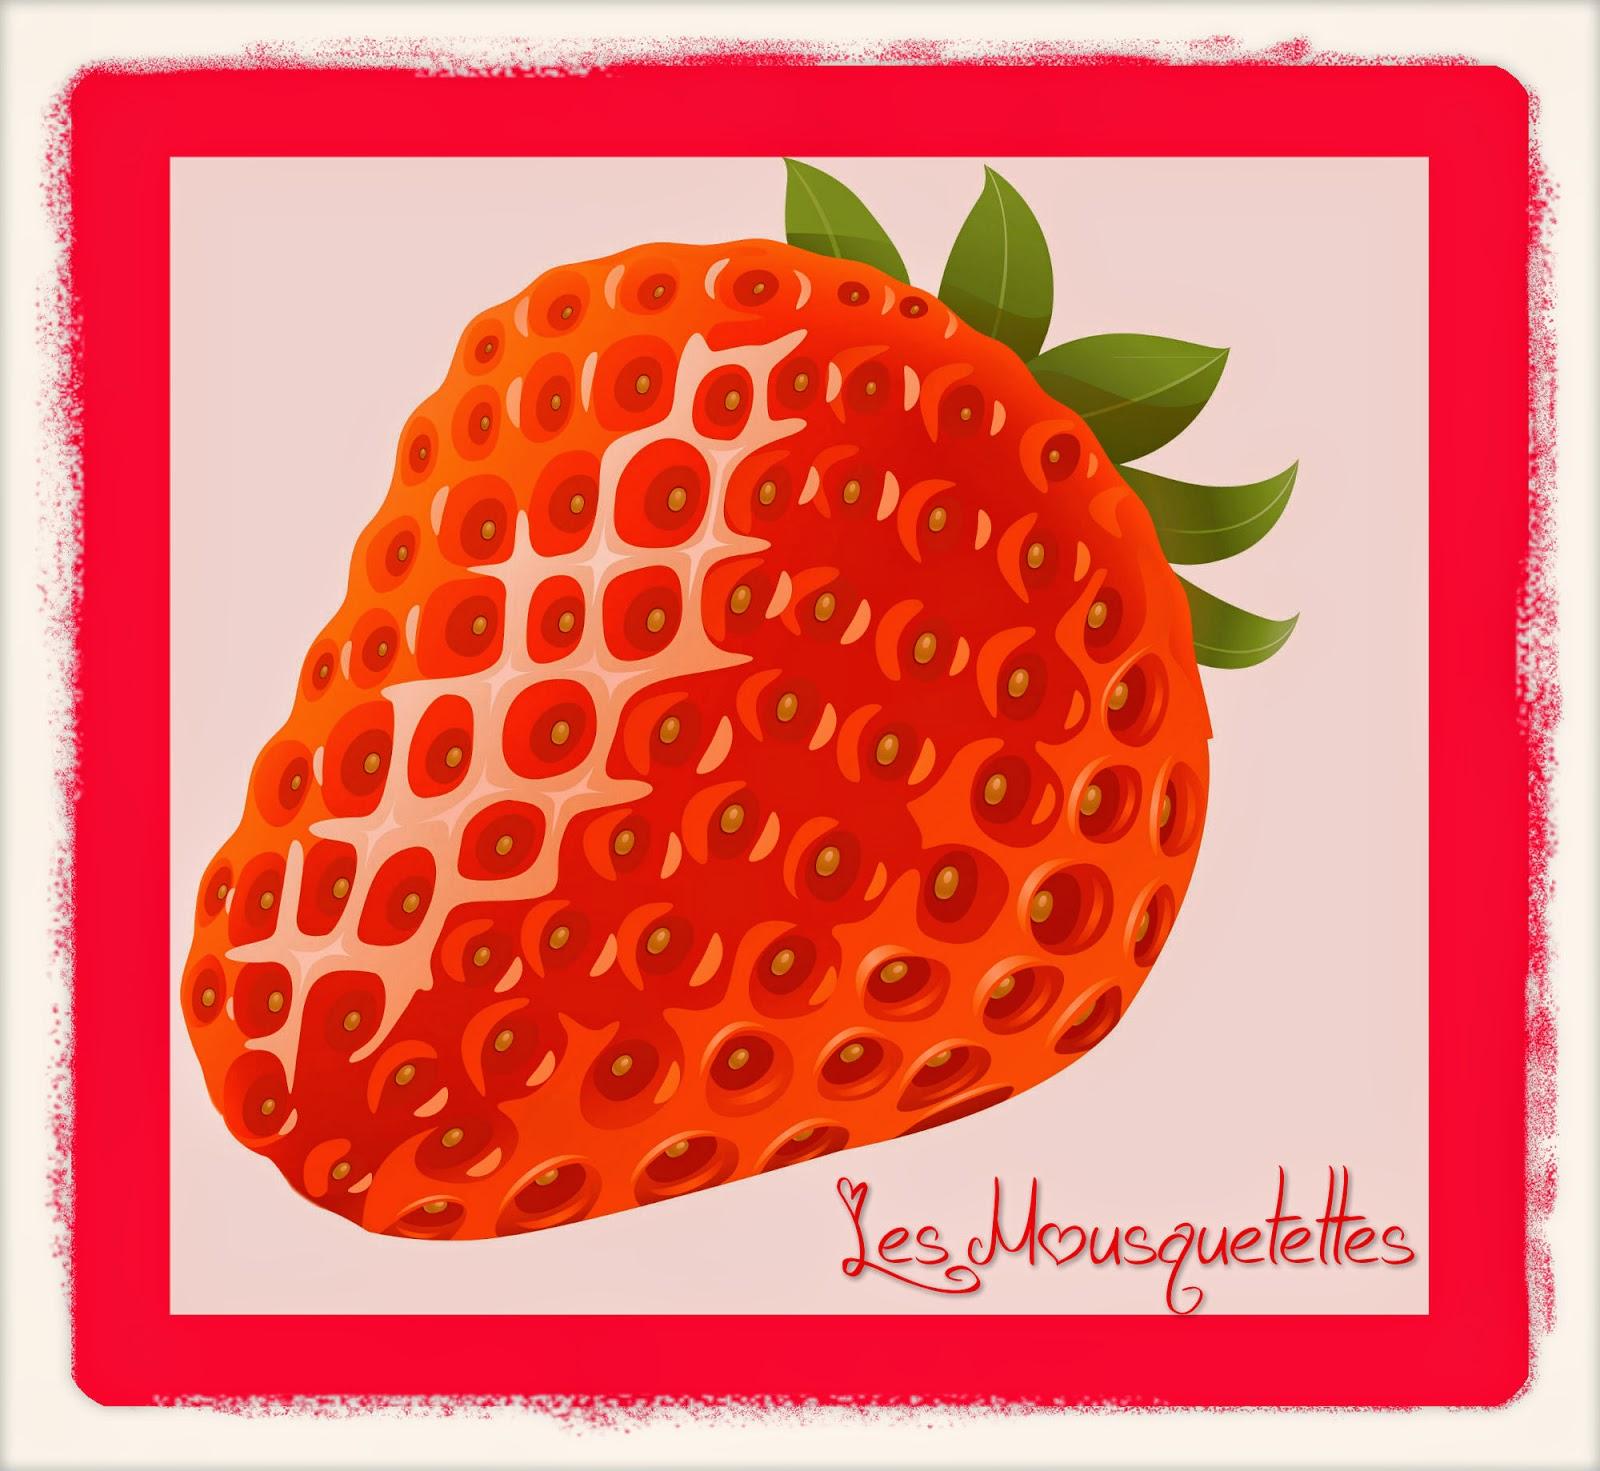 La fraise (compagniecorossol) - Les Mousquetettes©